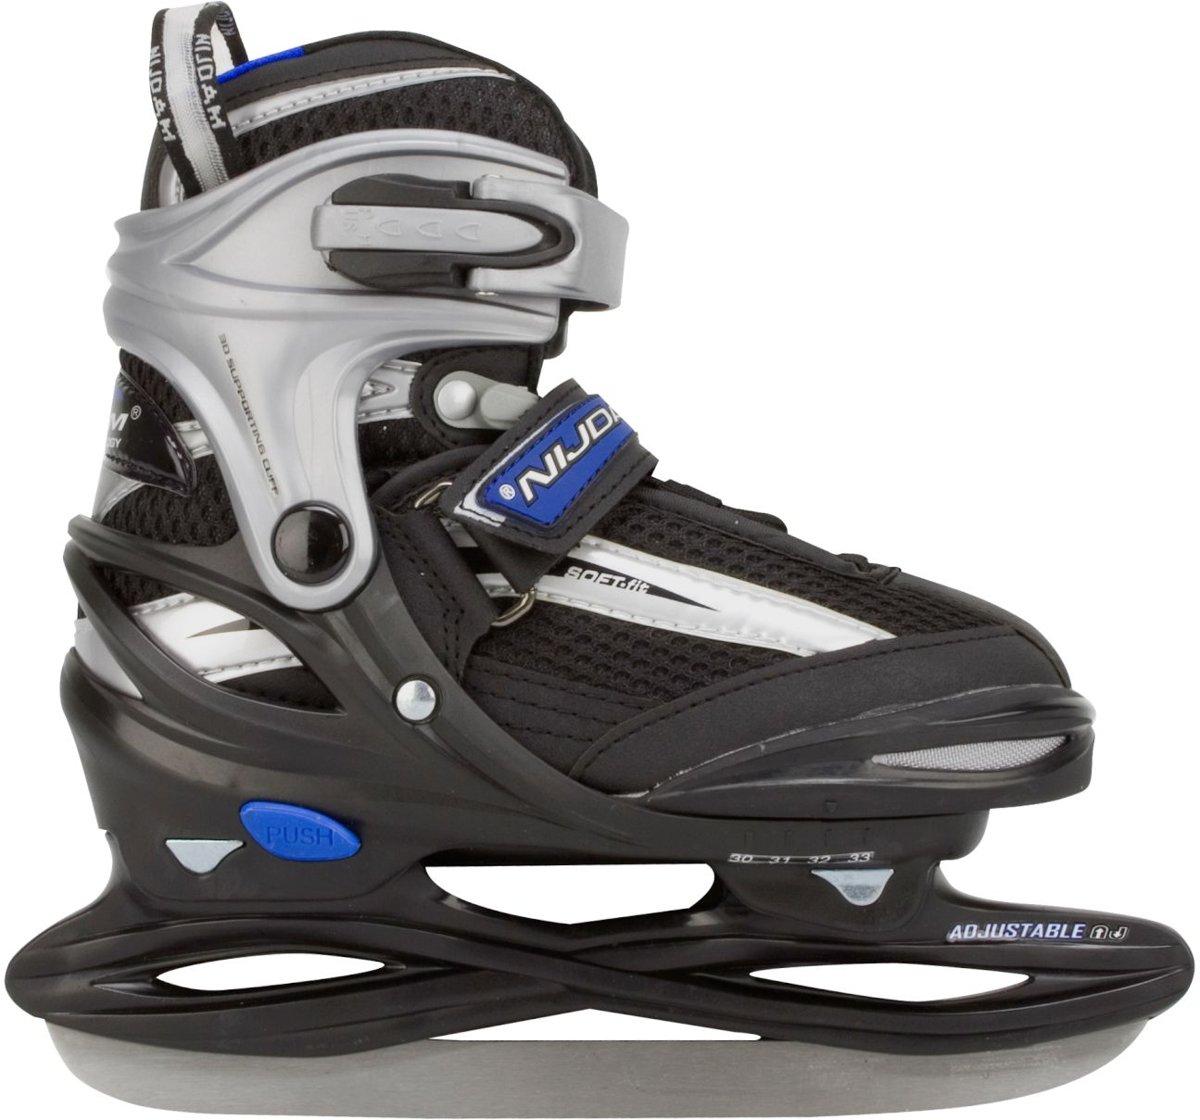 Nijdam 3172 Junior IJshockeyschaats - Verstelbaar - Semi-Softboot - Grijs/Zwart - Maat 34-37